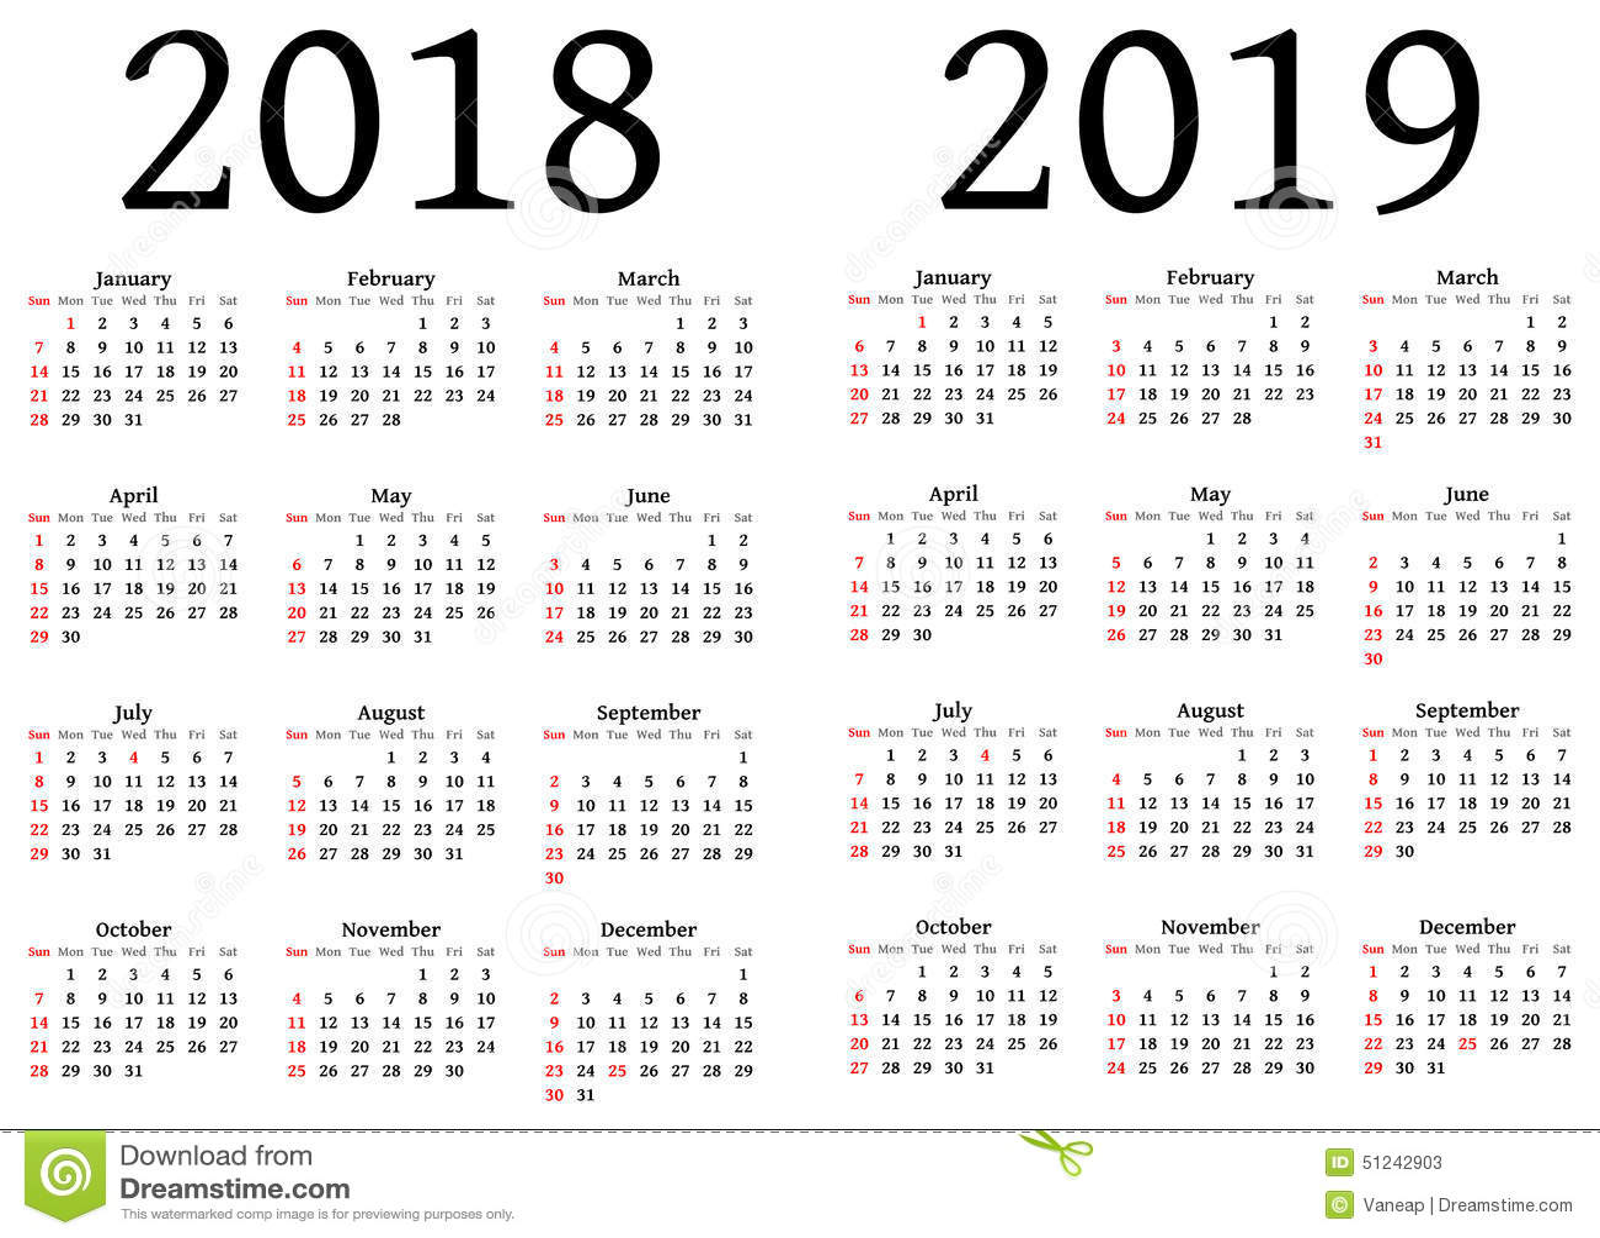 kalender f r 2018 und 2019 stock abbildung illustration von tage 51242903. Black Bedroom Furniture Sets. Home Design Ideas